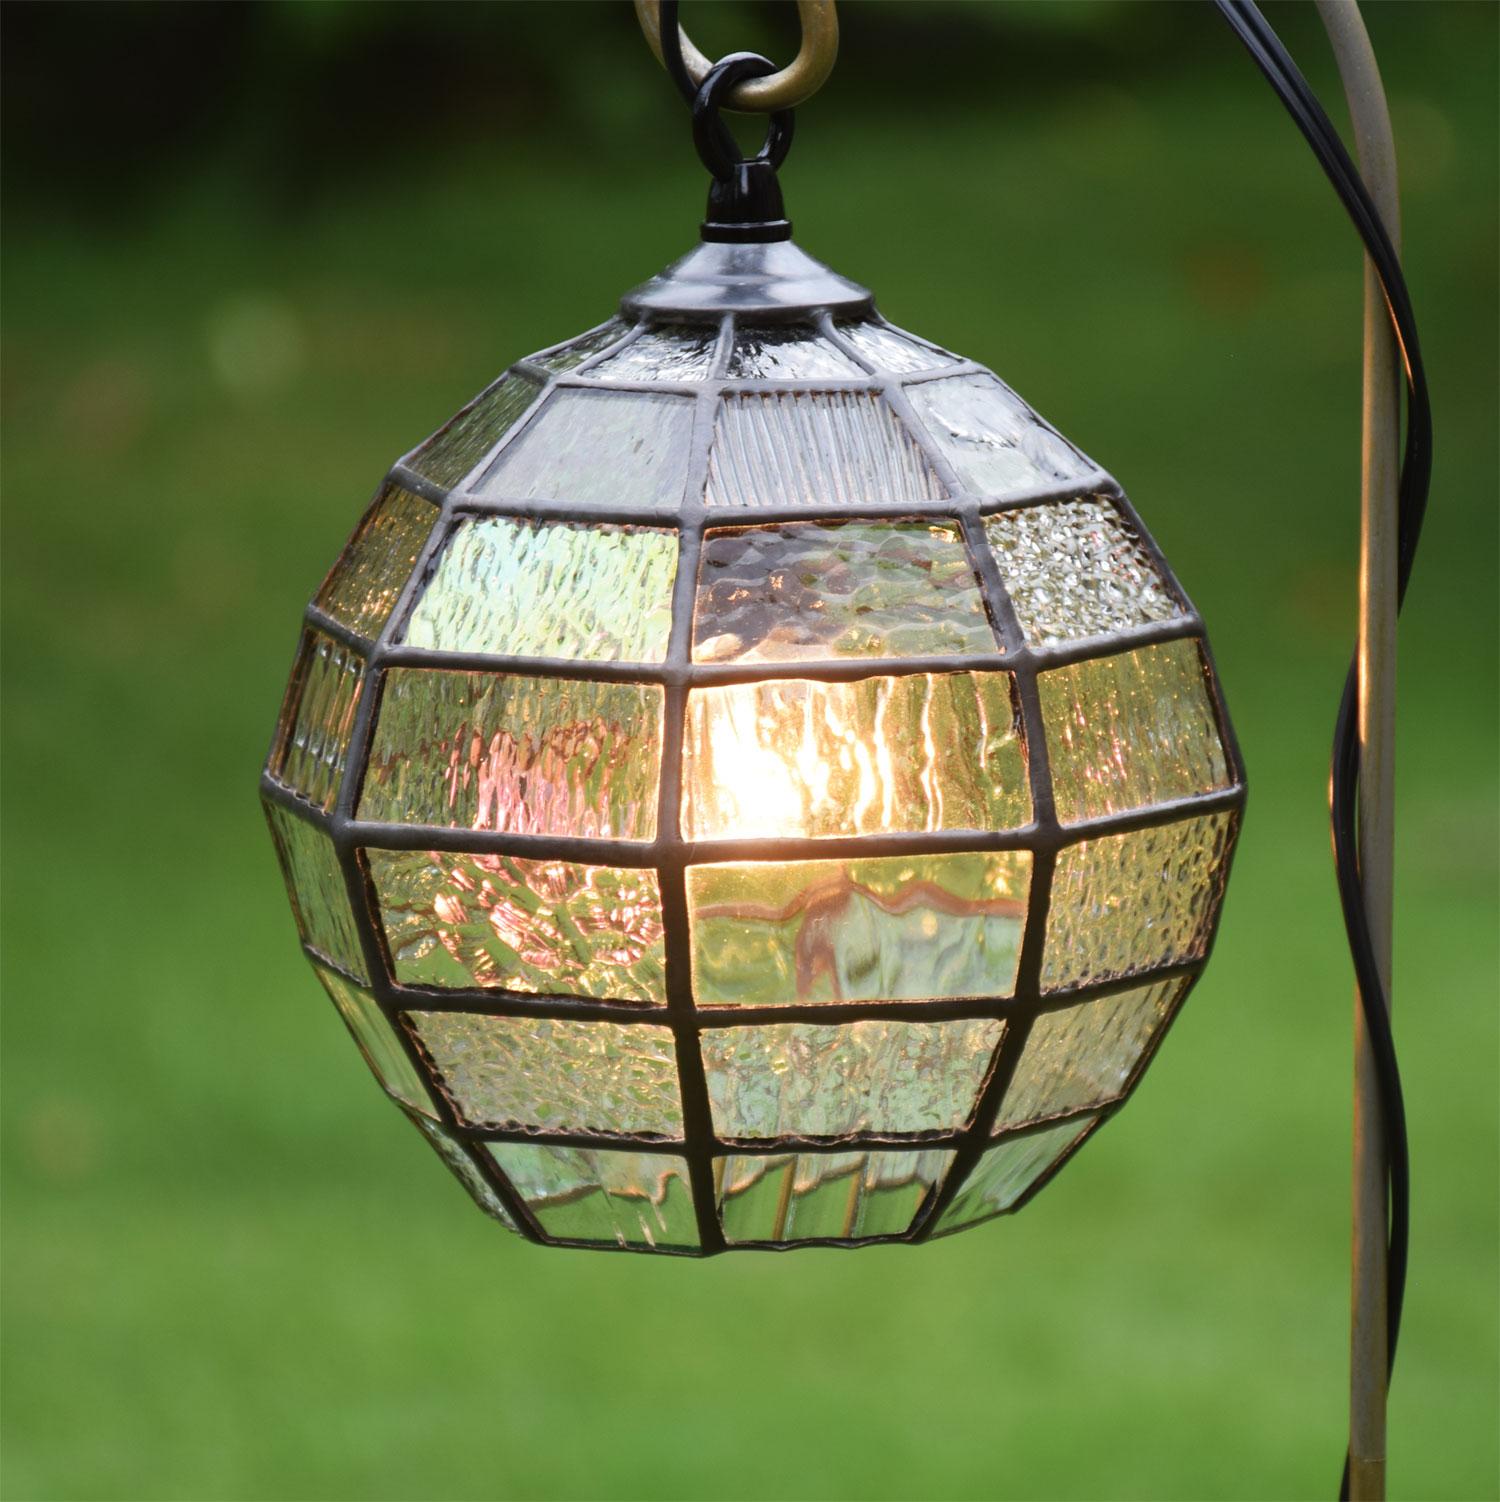 ステンドグラス ガーデンライト 吊下げ式 8K-200 吊り金具なし ガーデンランプ ステンドグラスランプ 庭園灯 外灯 玄関灯 エクステリア 屋外照明 ガーデン照明 100V 照明器具 LED電球 対応 洋風 おしゃれ